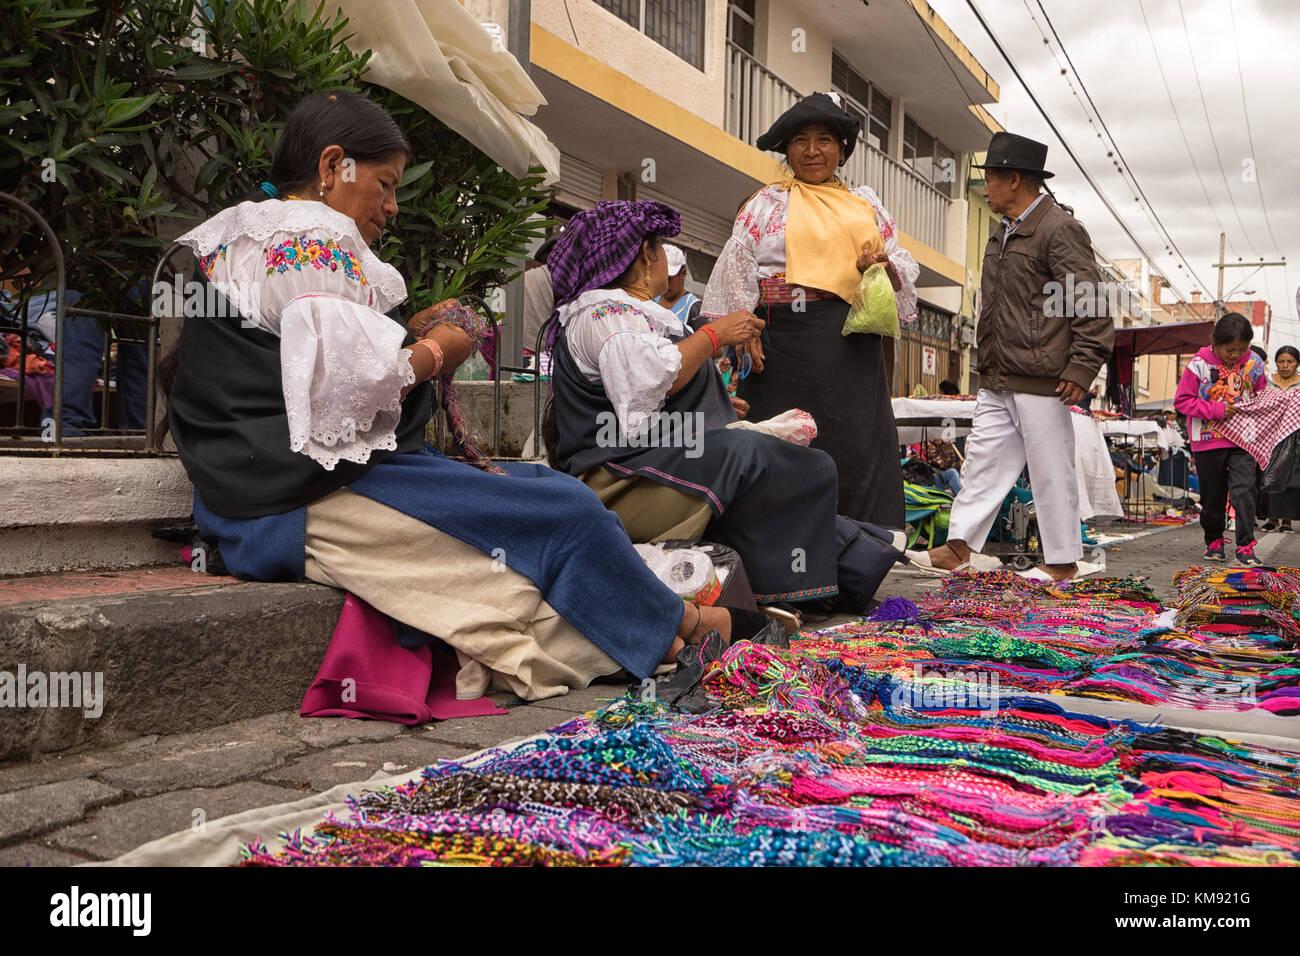 Otavalo, Ecuador - 2 de diciembre de 2017: Primer plano de una mujer indígena vendedor venta de regalos artesanales Imagen De Stock